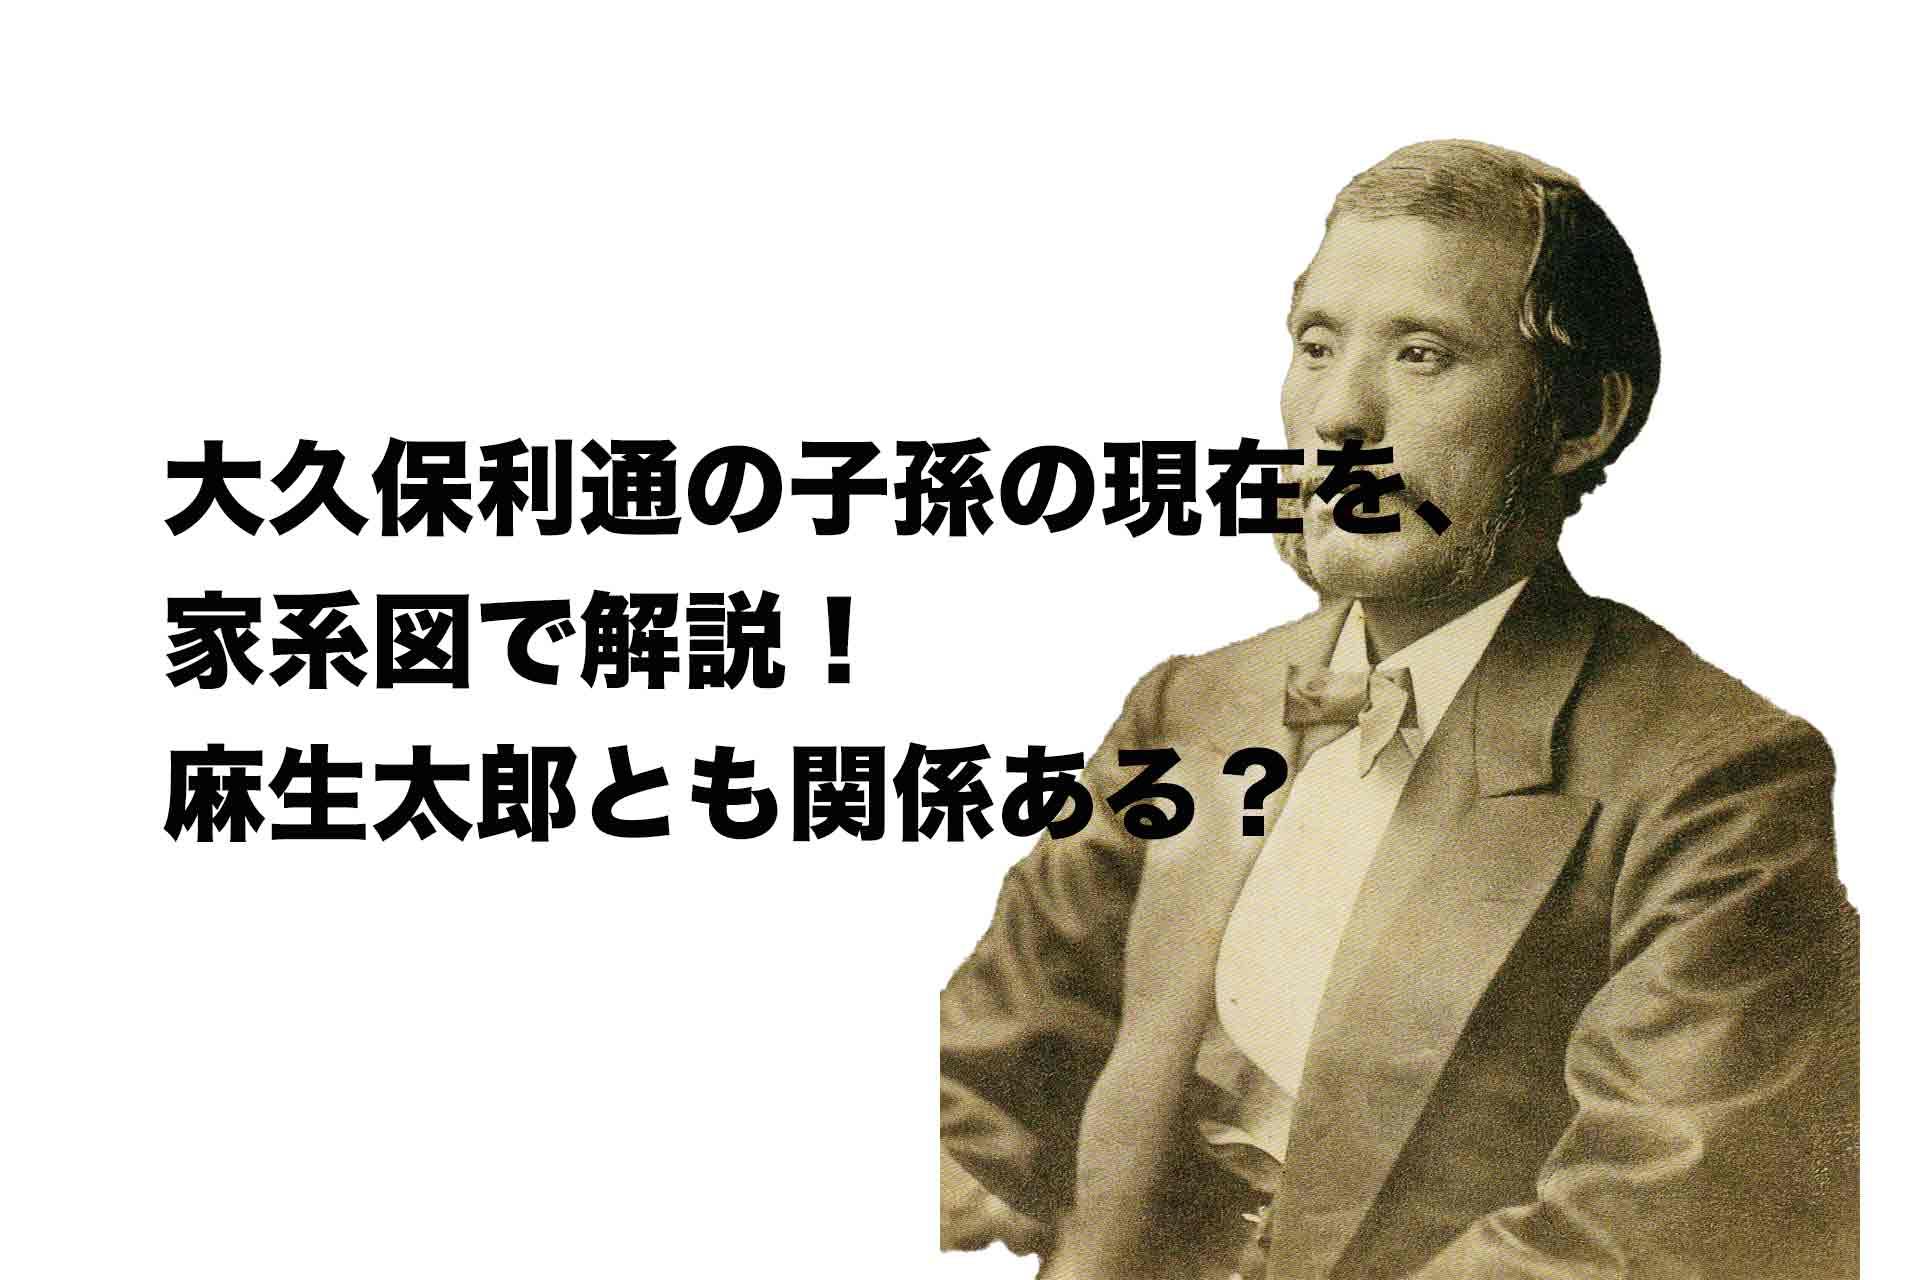 大久保利通の子孫の現在を、家系図で解説!麻生太郎とも関係ある?